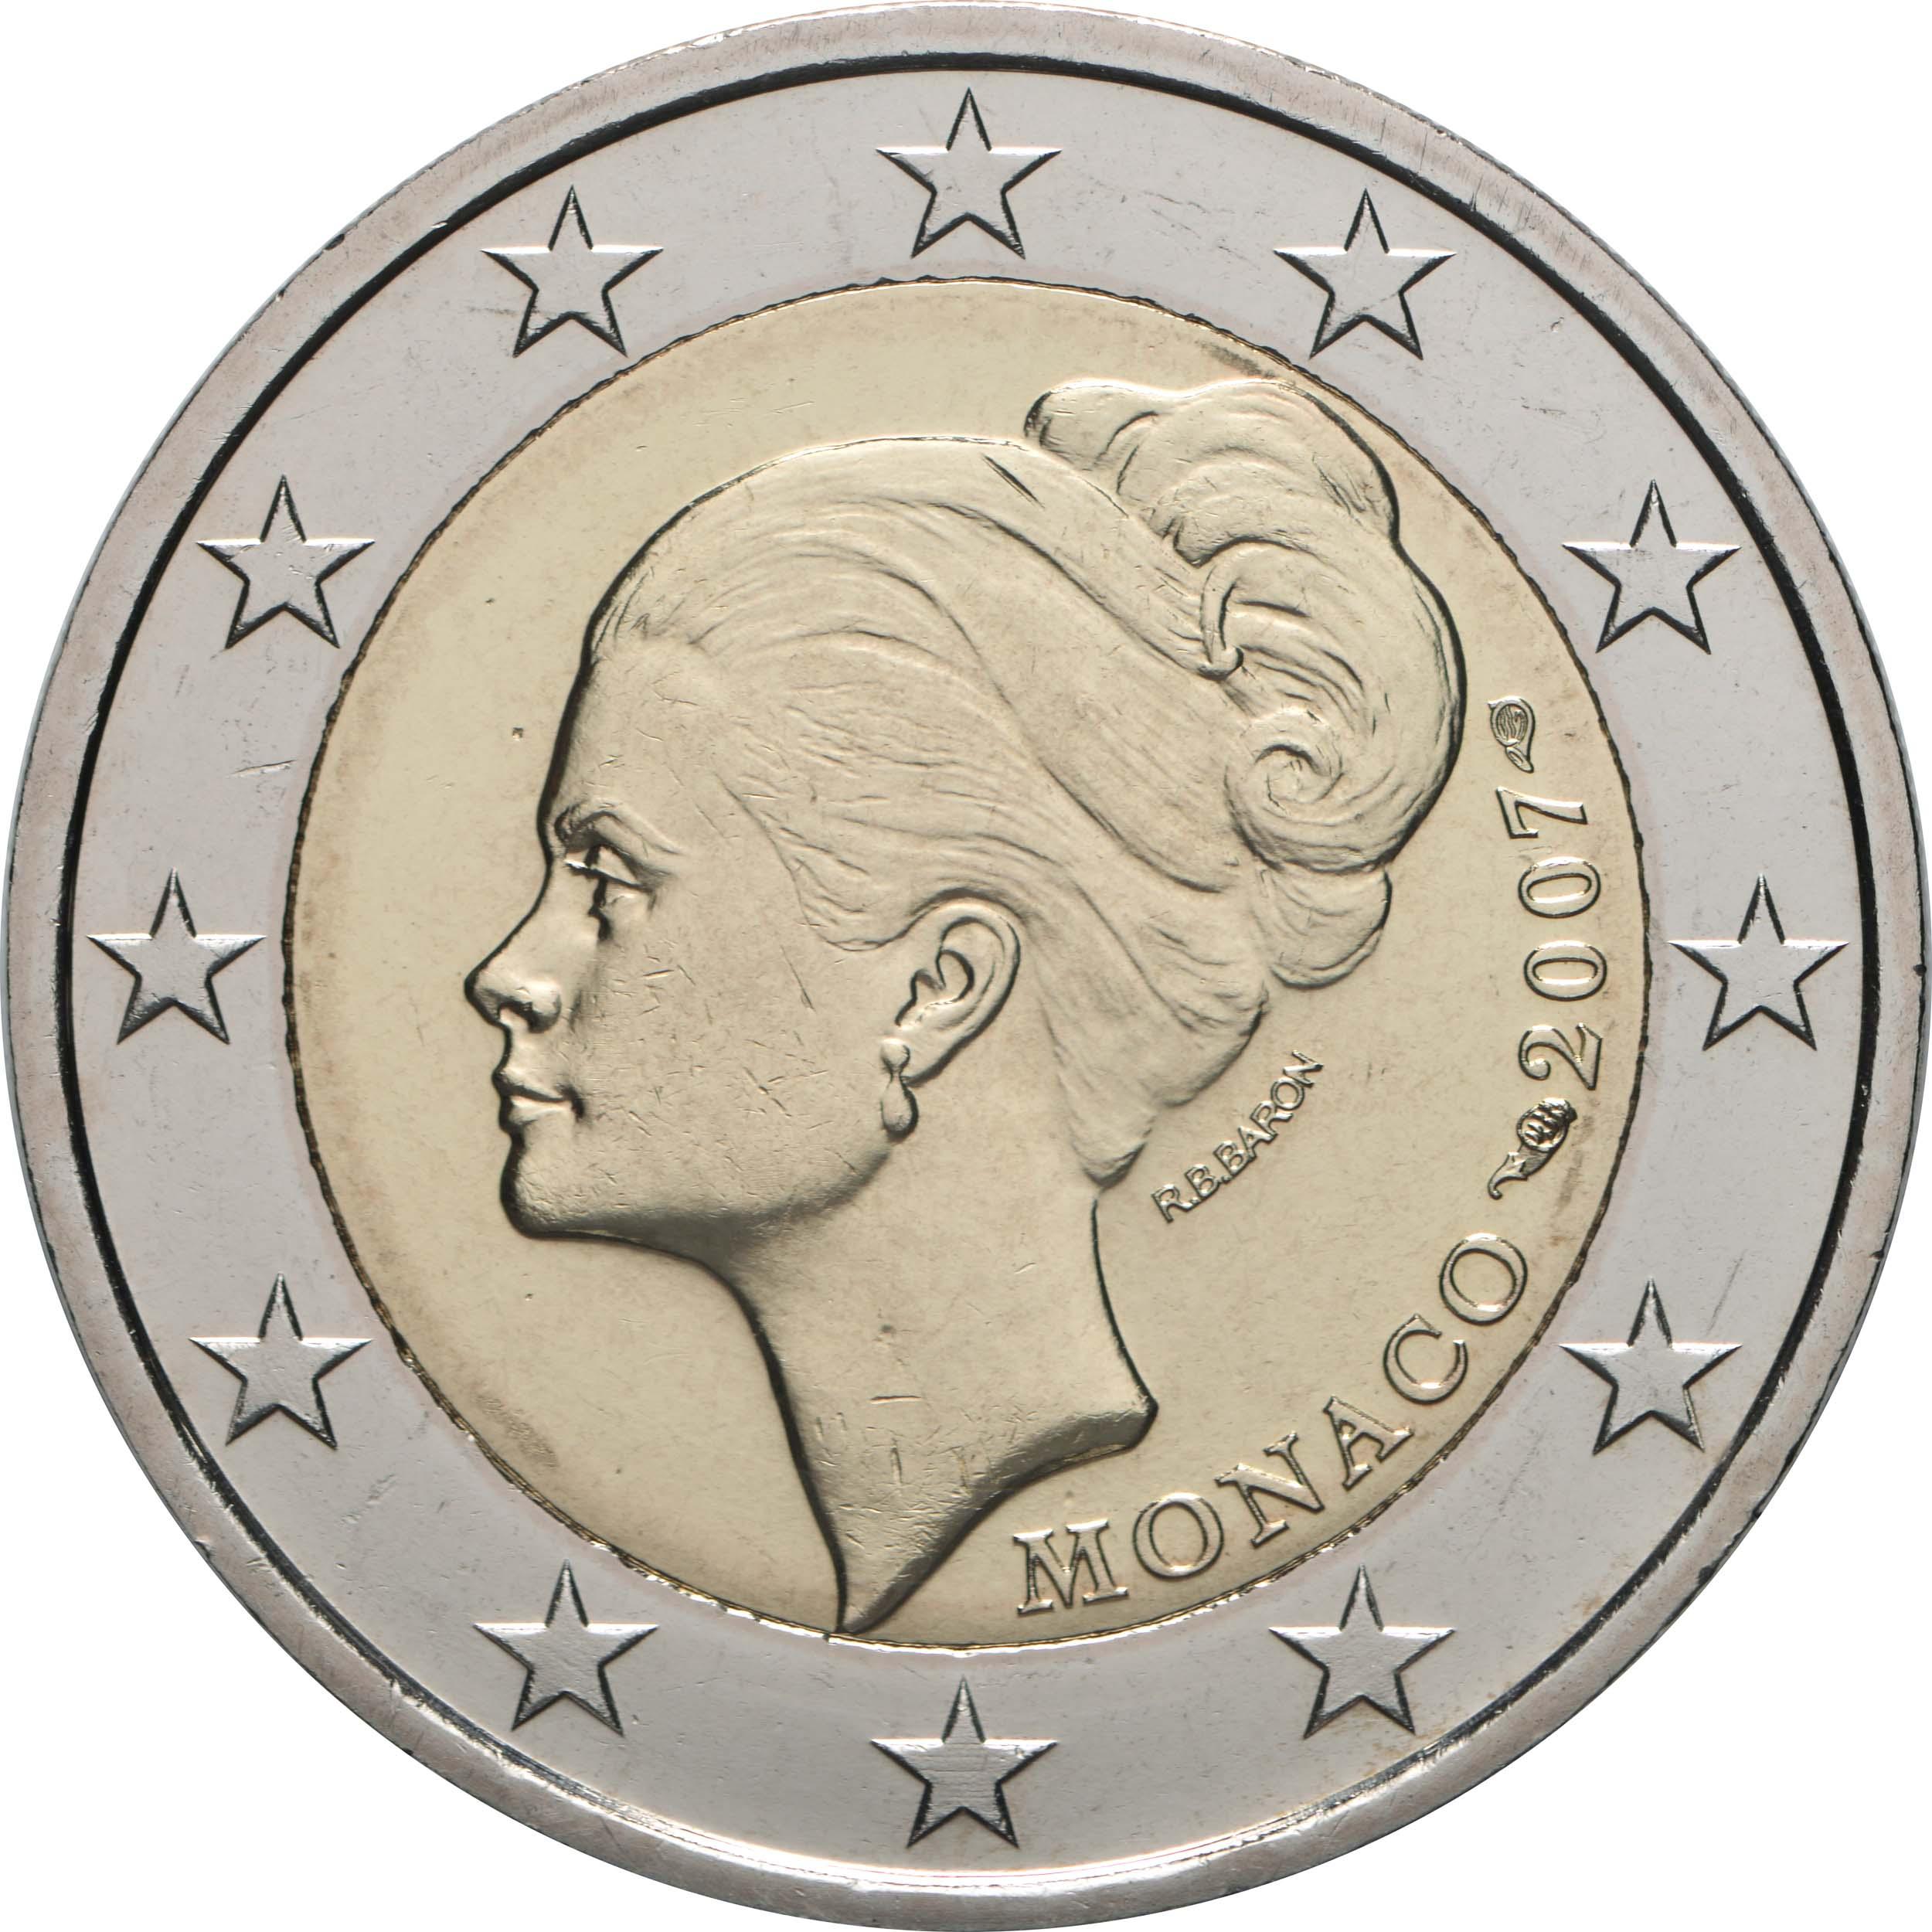 Monaco 2 Euro Gracia Patrizia Grace Kelly 2007